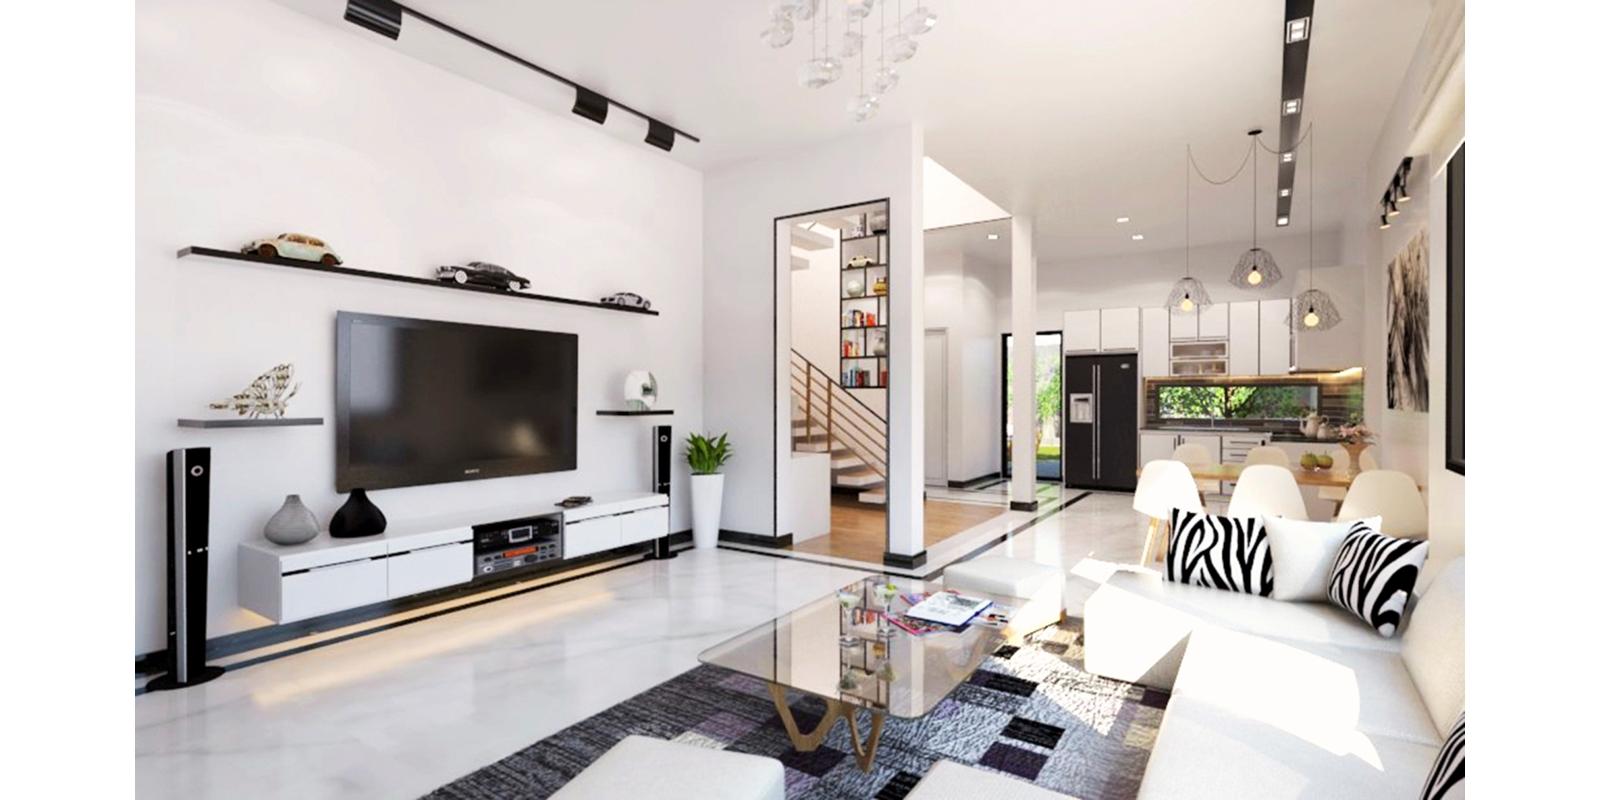 Nội Thất GIA PHÁT cung cấp nội thất và thiết kế nội thất hàng đầu